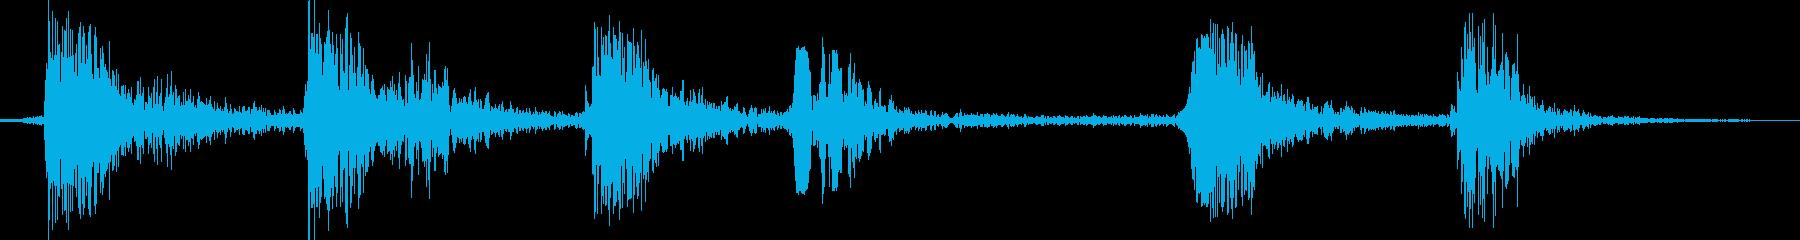 犬のbarえの再生済みの波形